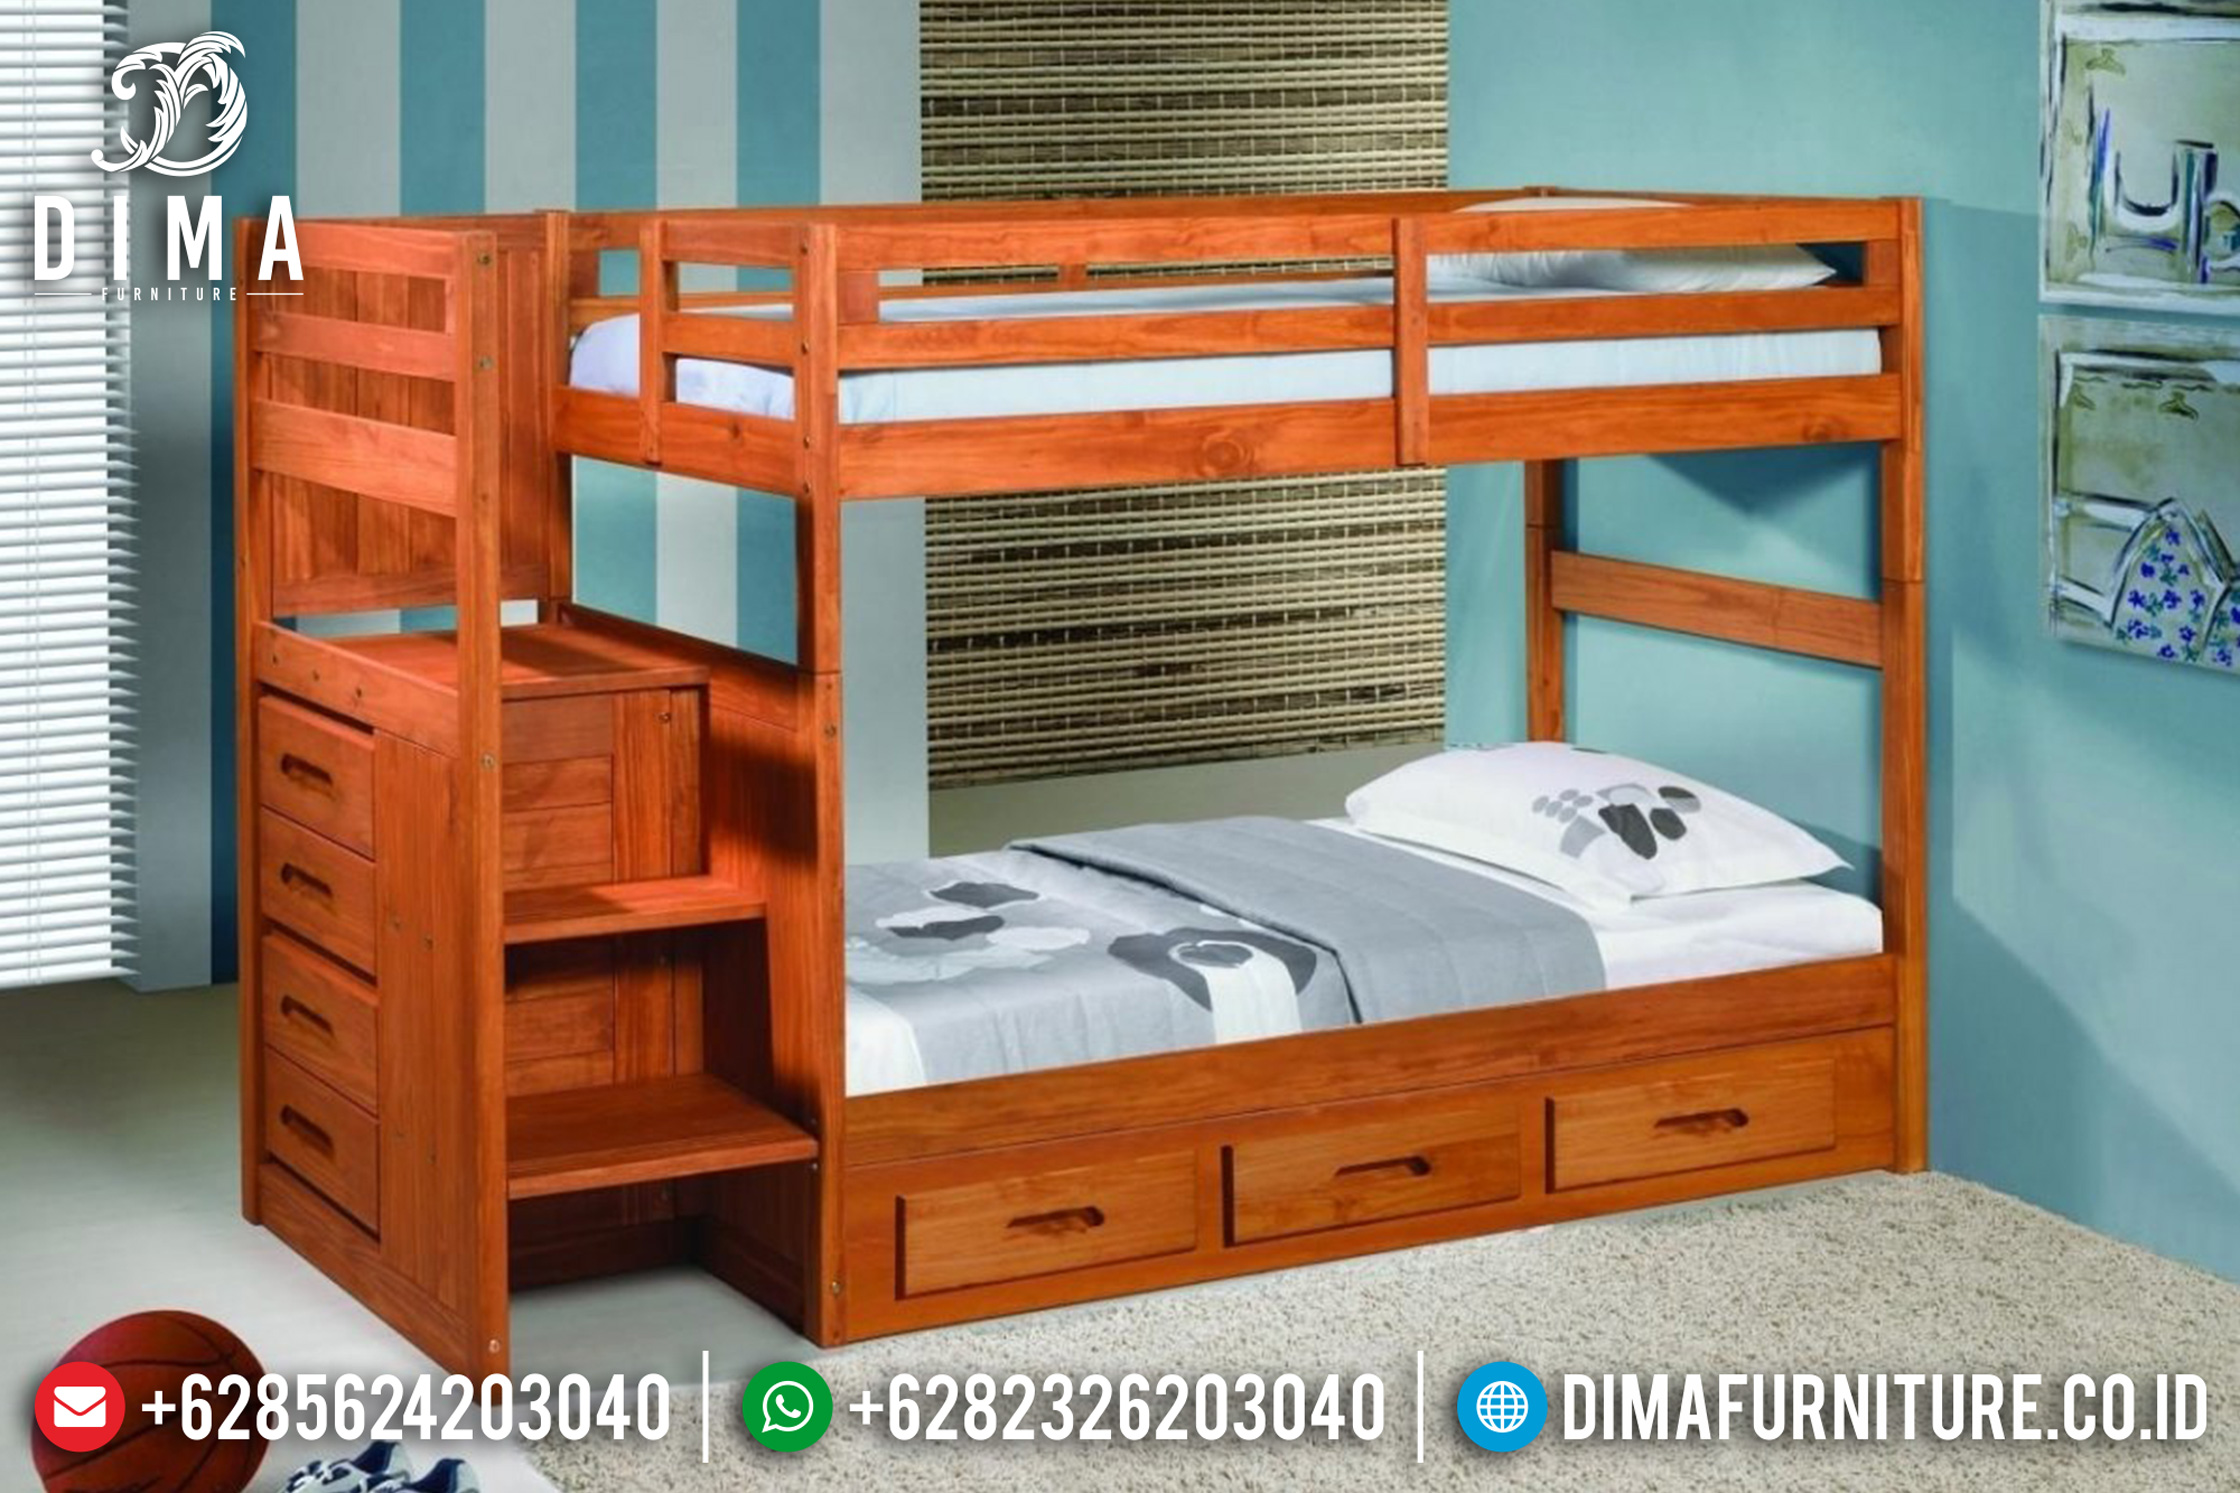 Mebel Jepara Terbaru Tempat Tidur Anak Model Tingkat Minimalis Jati DF-0618